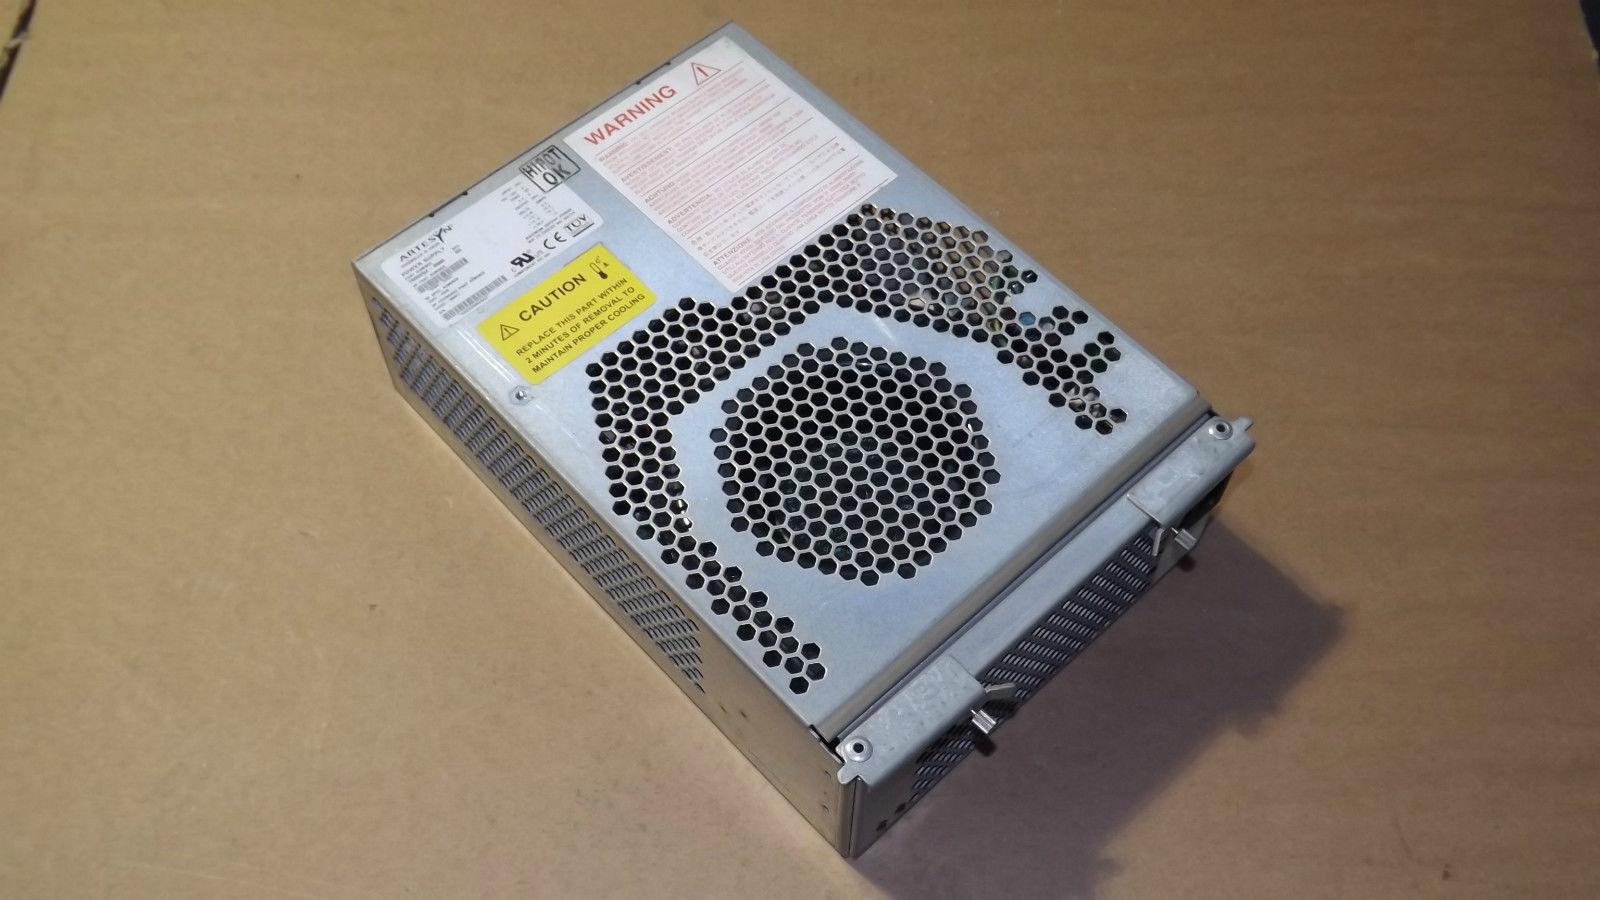 HP A6250-69001 5065-5262 0950-4038 340W 电源